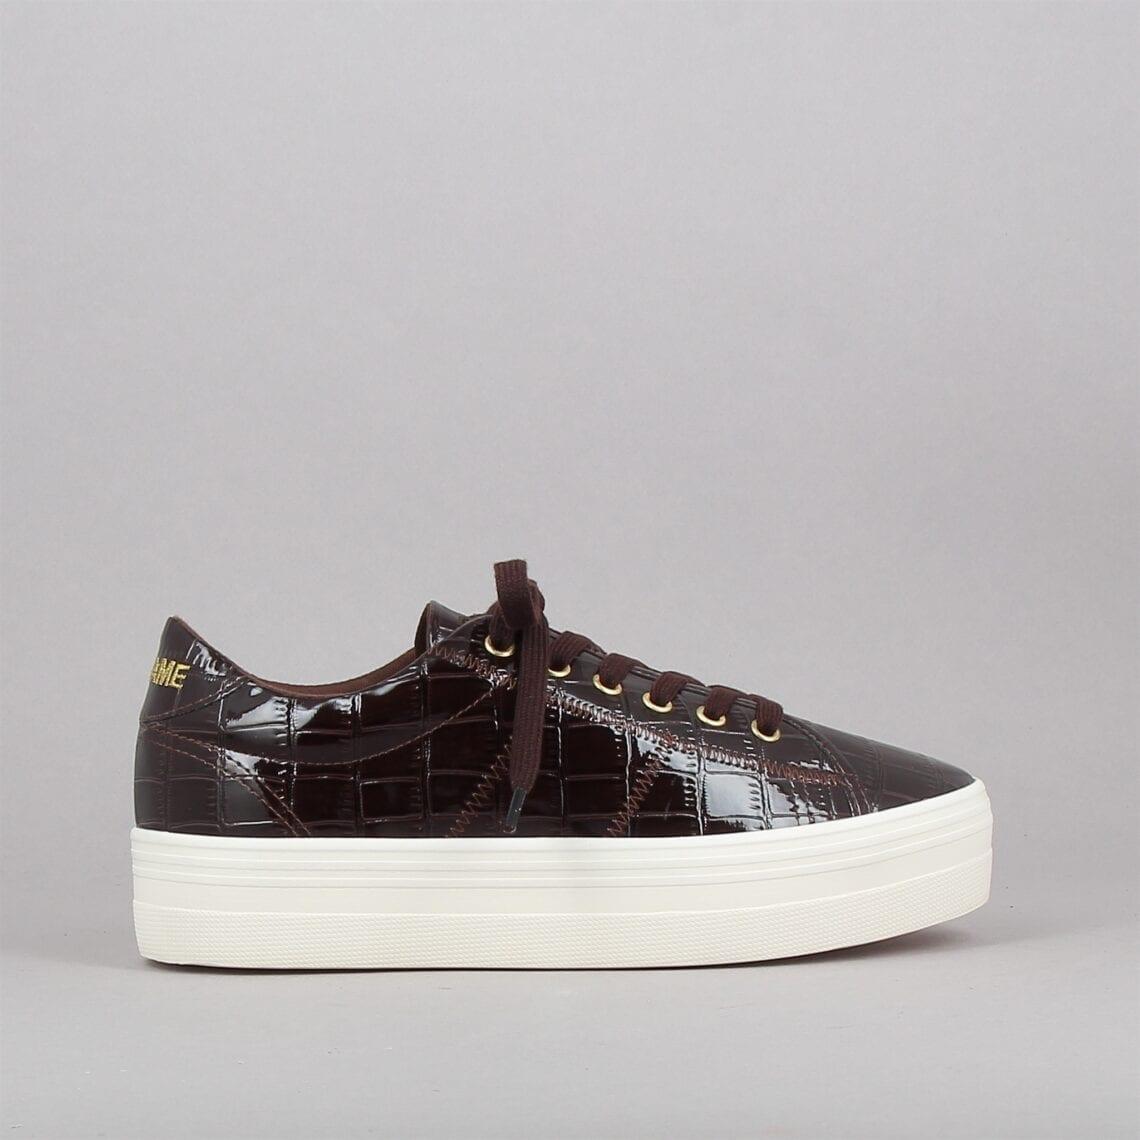 plato-sneaker-croco-marron-181207042-0.jpg